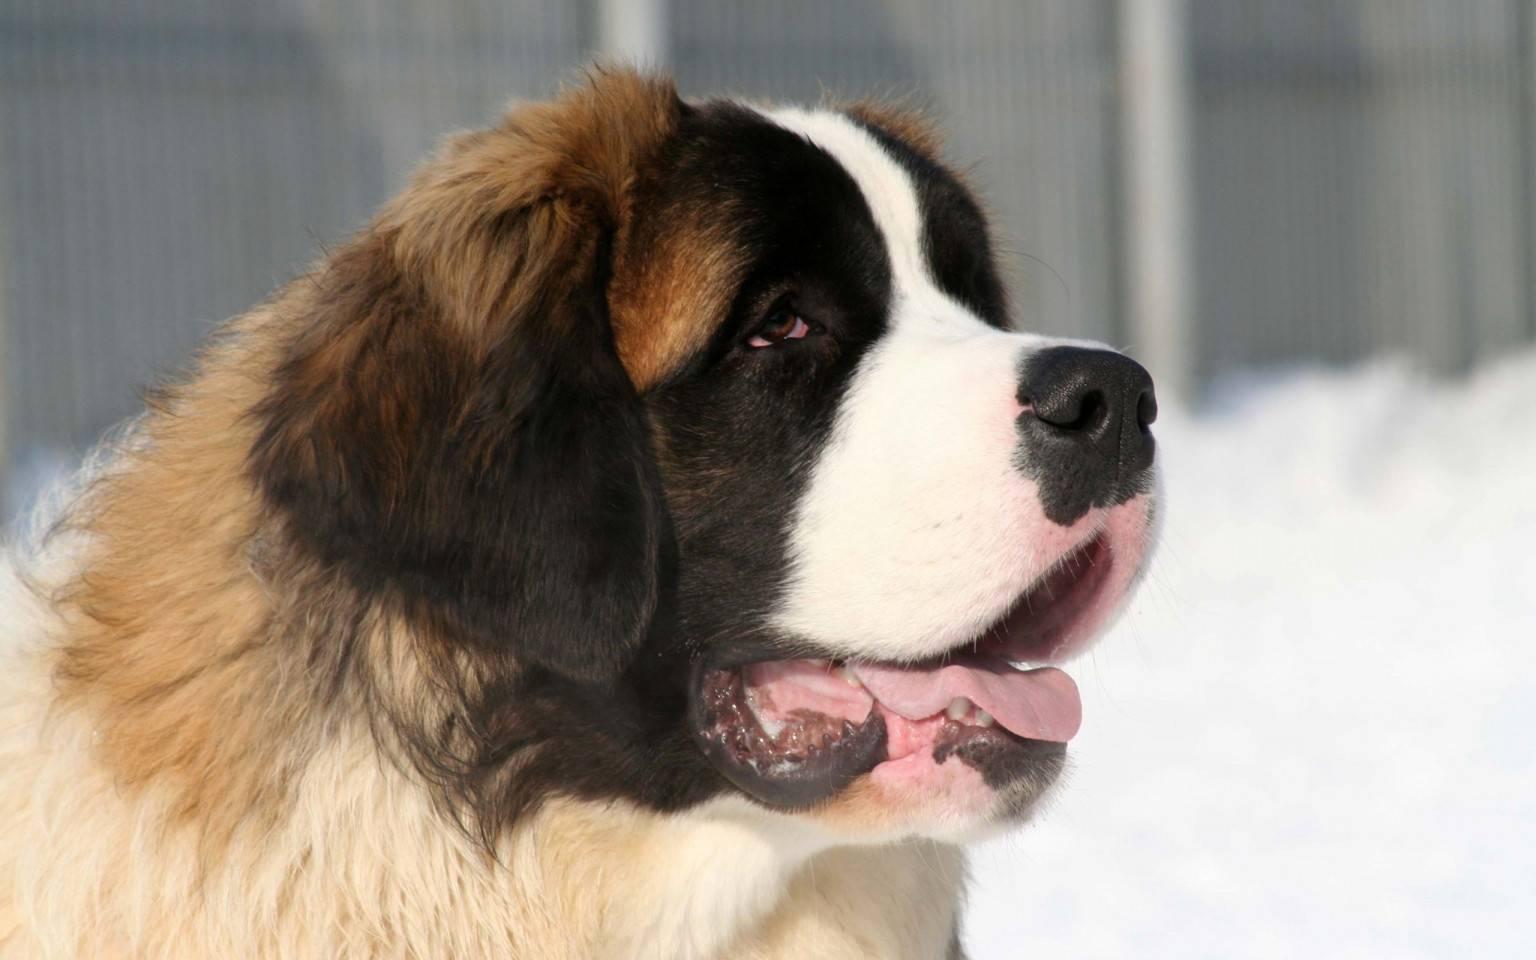 Сенбернар собака: фото, внешний вид, дрессировка, уход